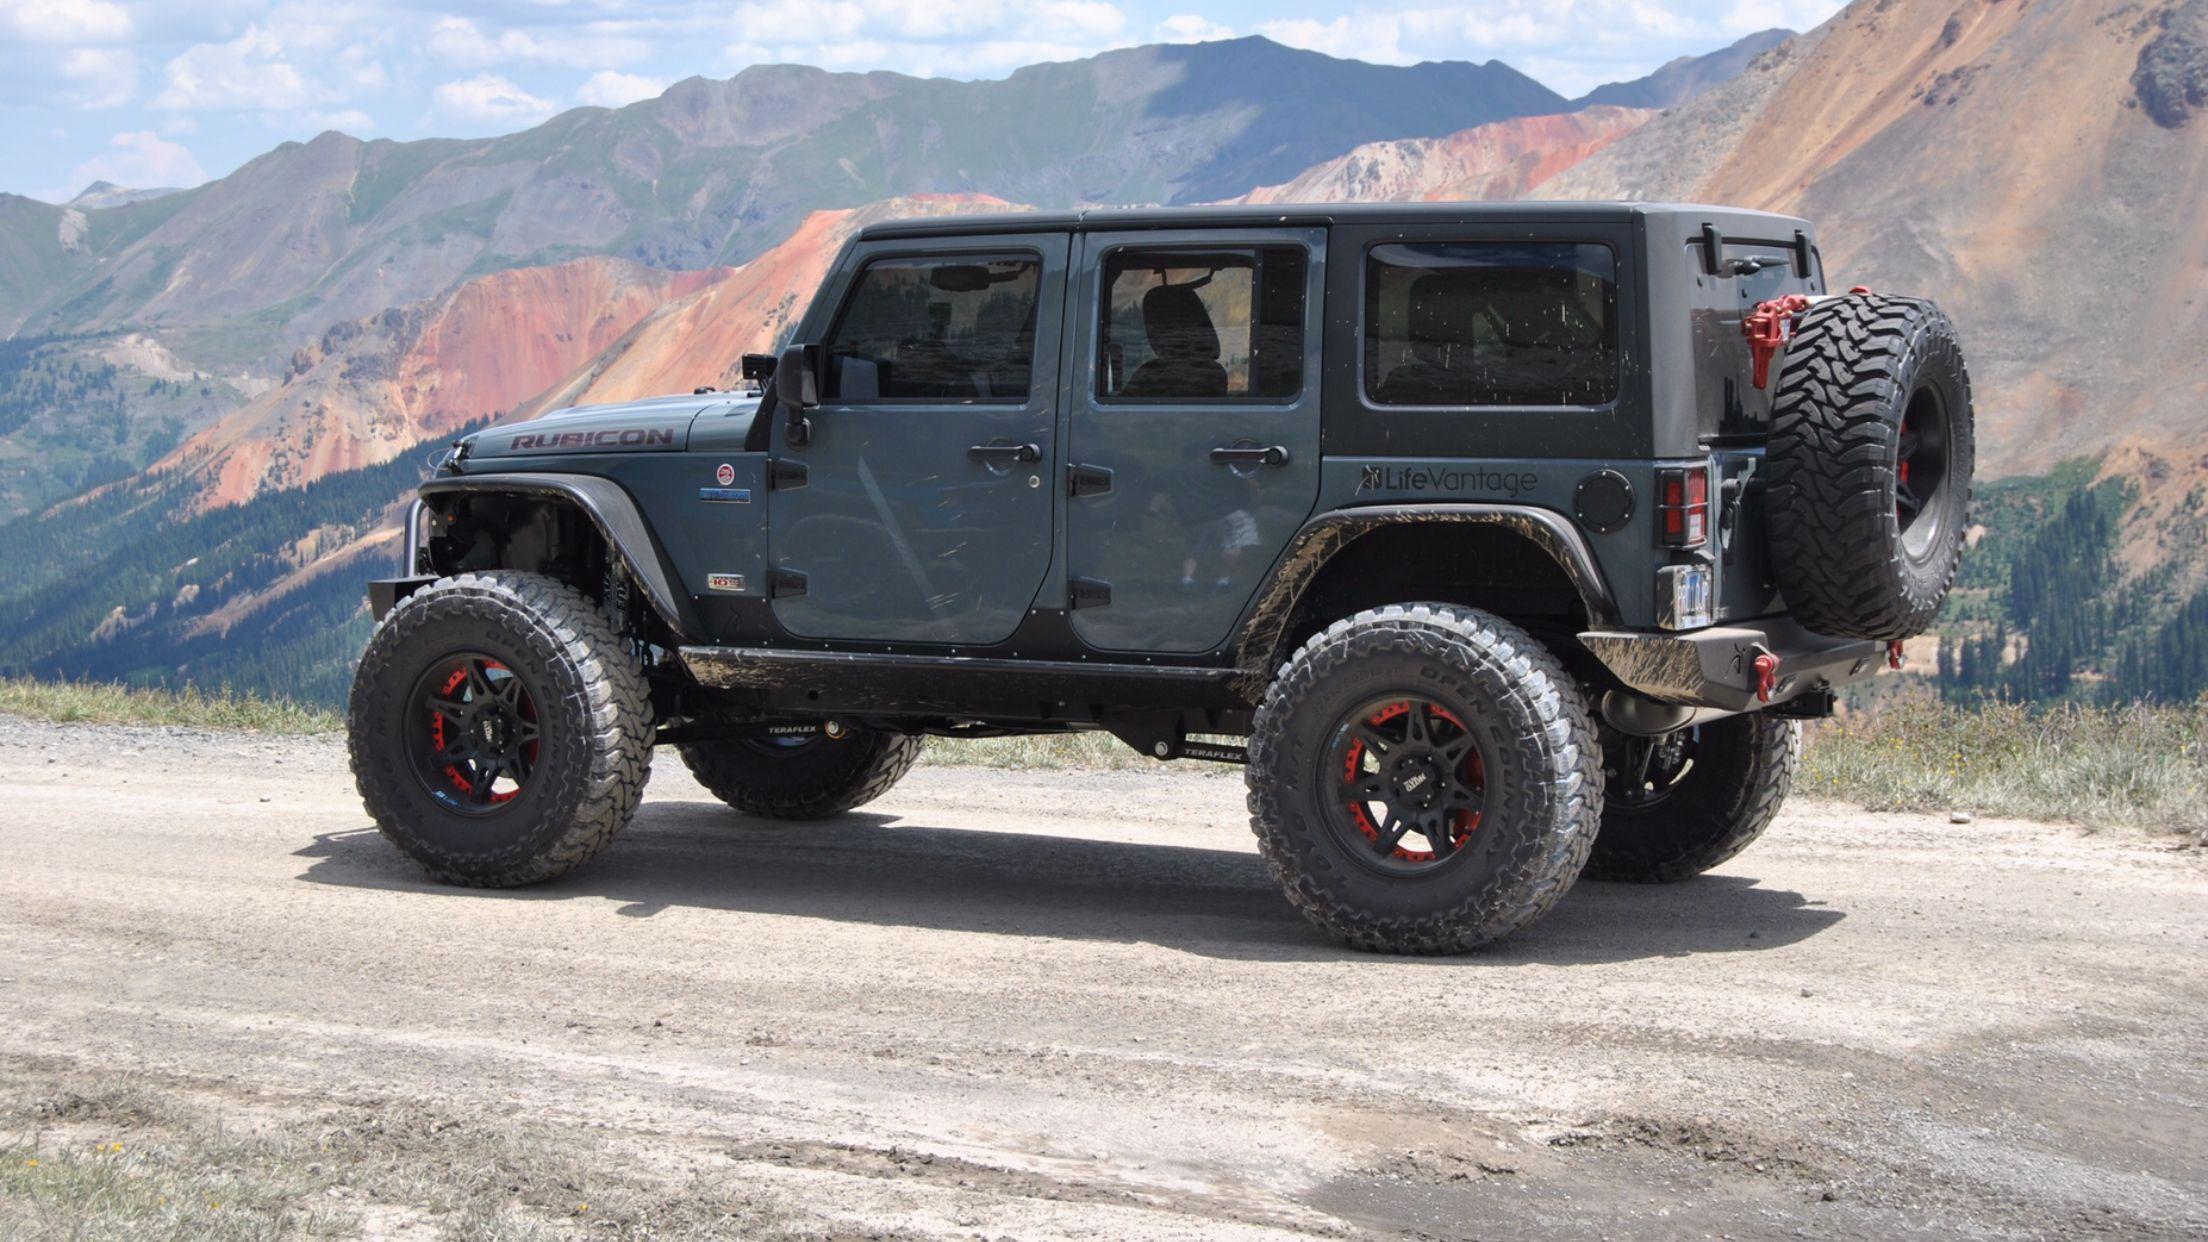 2013 Jeep Wrangler Rubicon Anniversary Edition Anvil Color Black